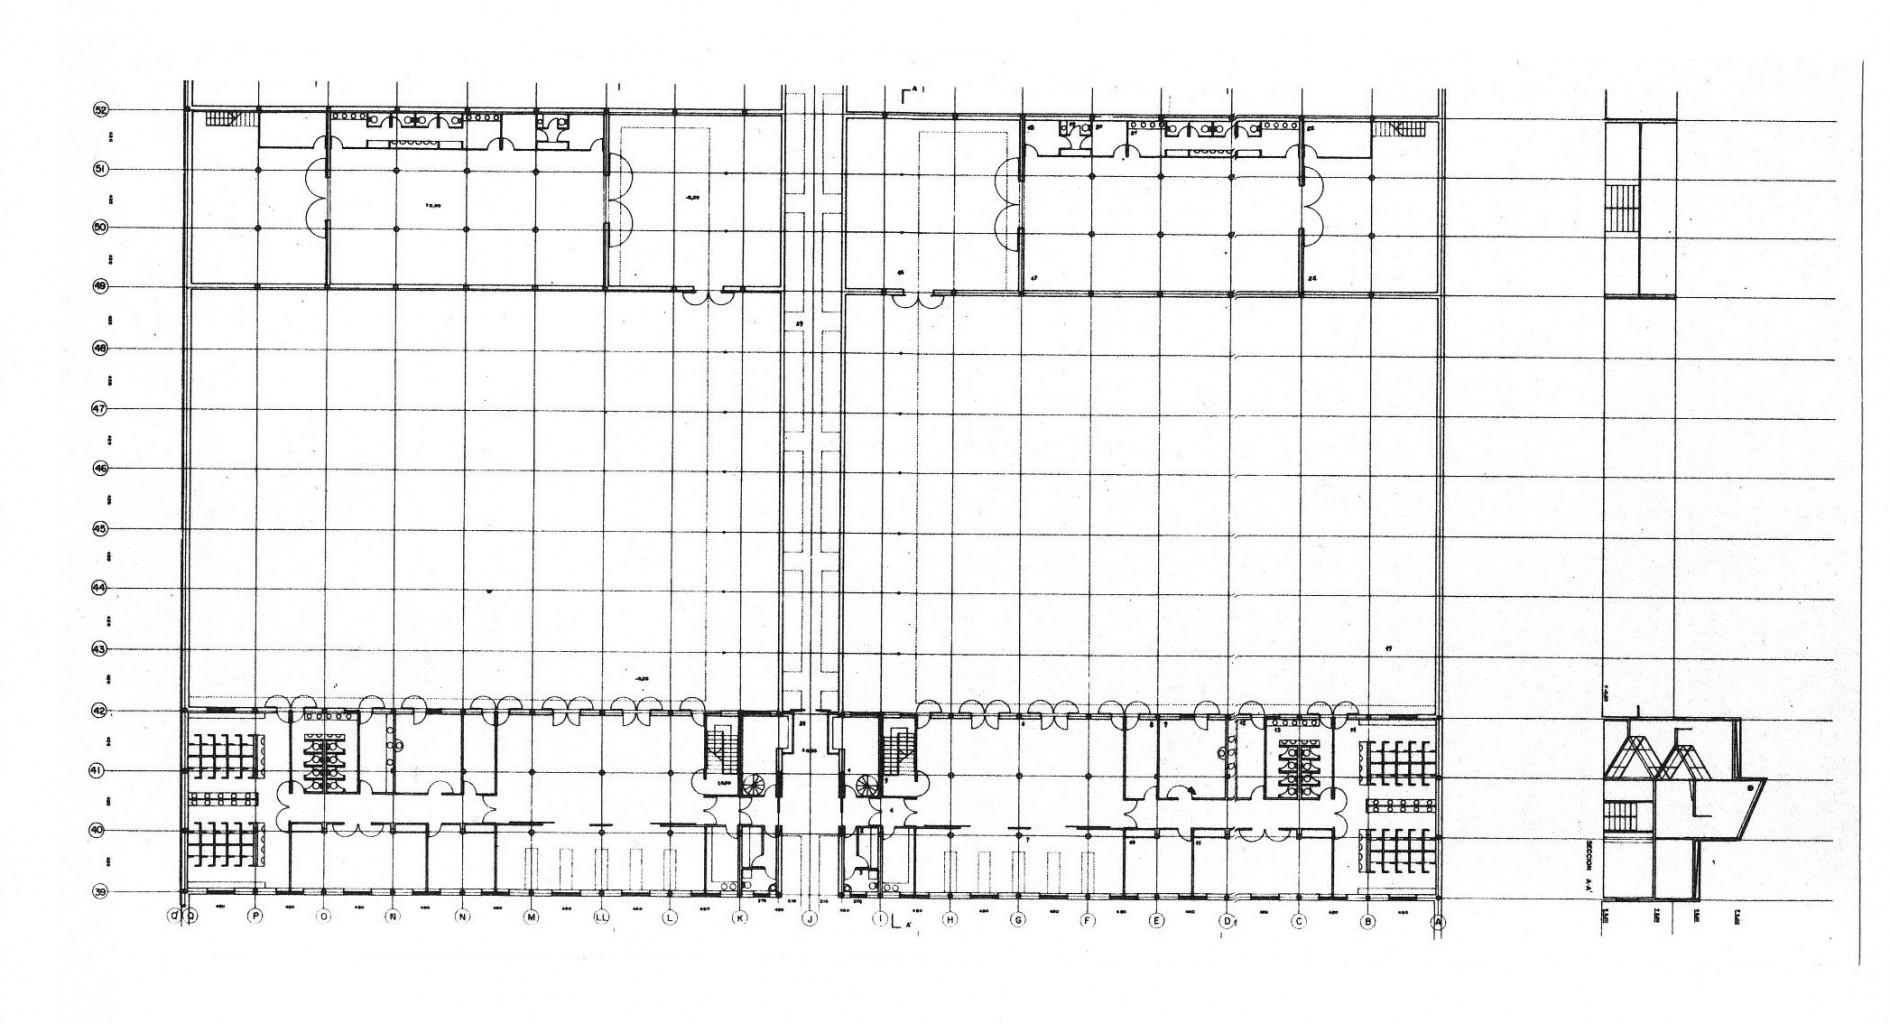 Centro penitenciario de Jaen Blanca Lleo 03